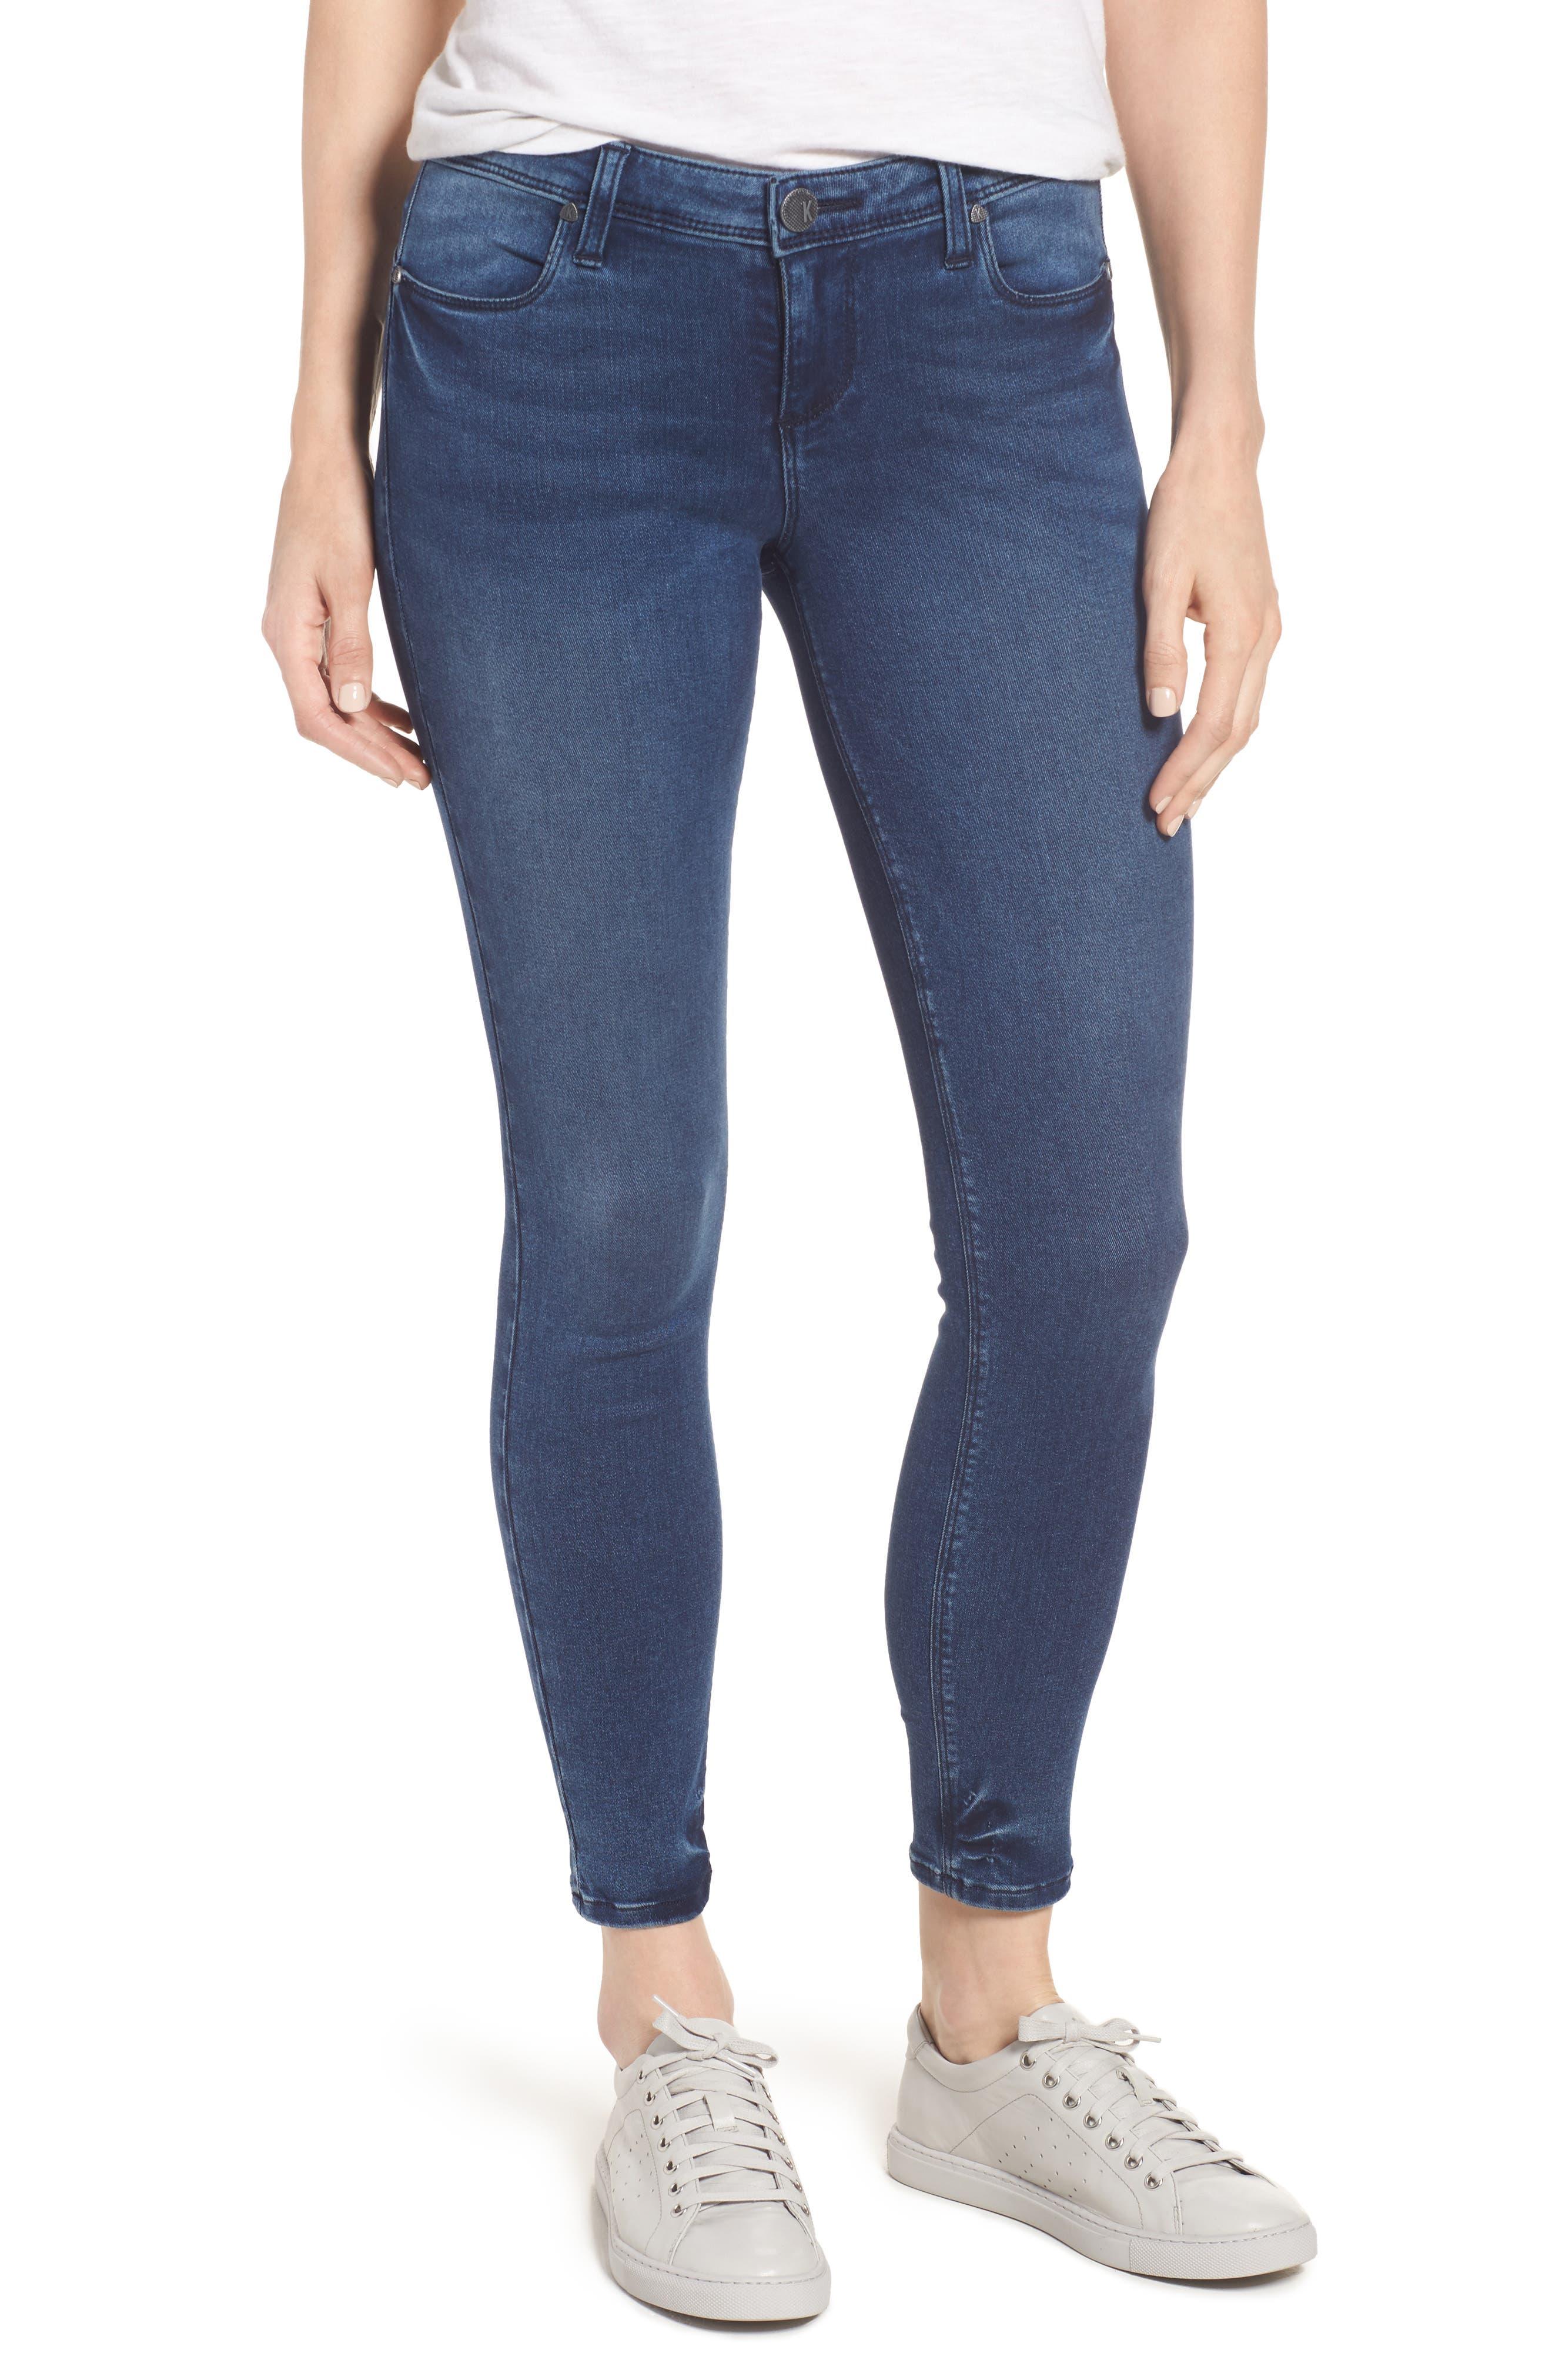 Jennifer Ultra Skinny Jeans,                             Main thumbnail 1, color,                             420